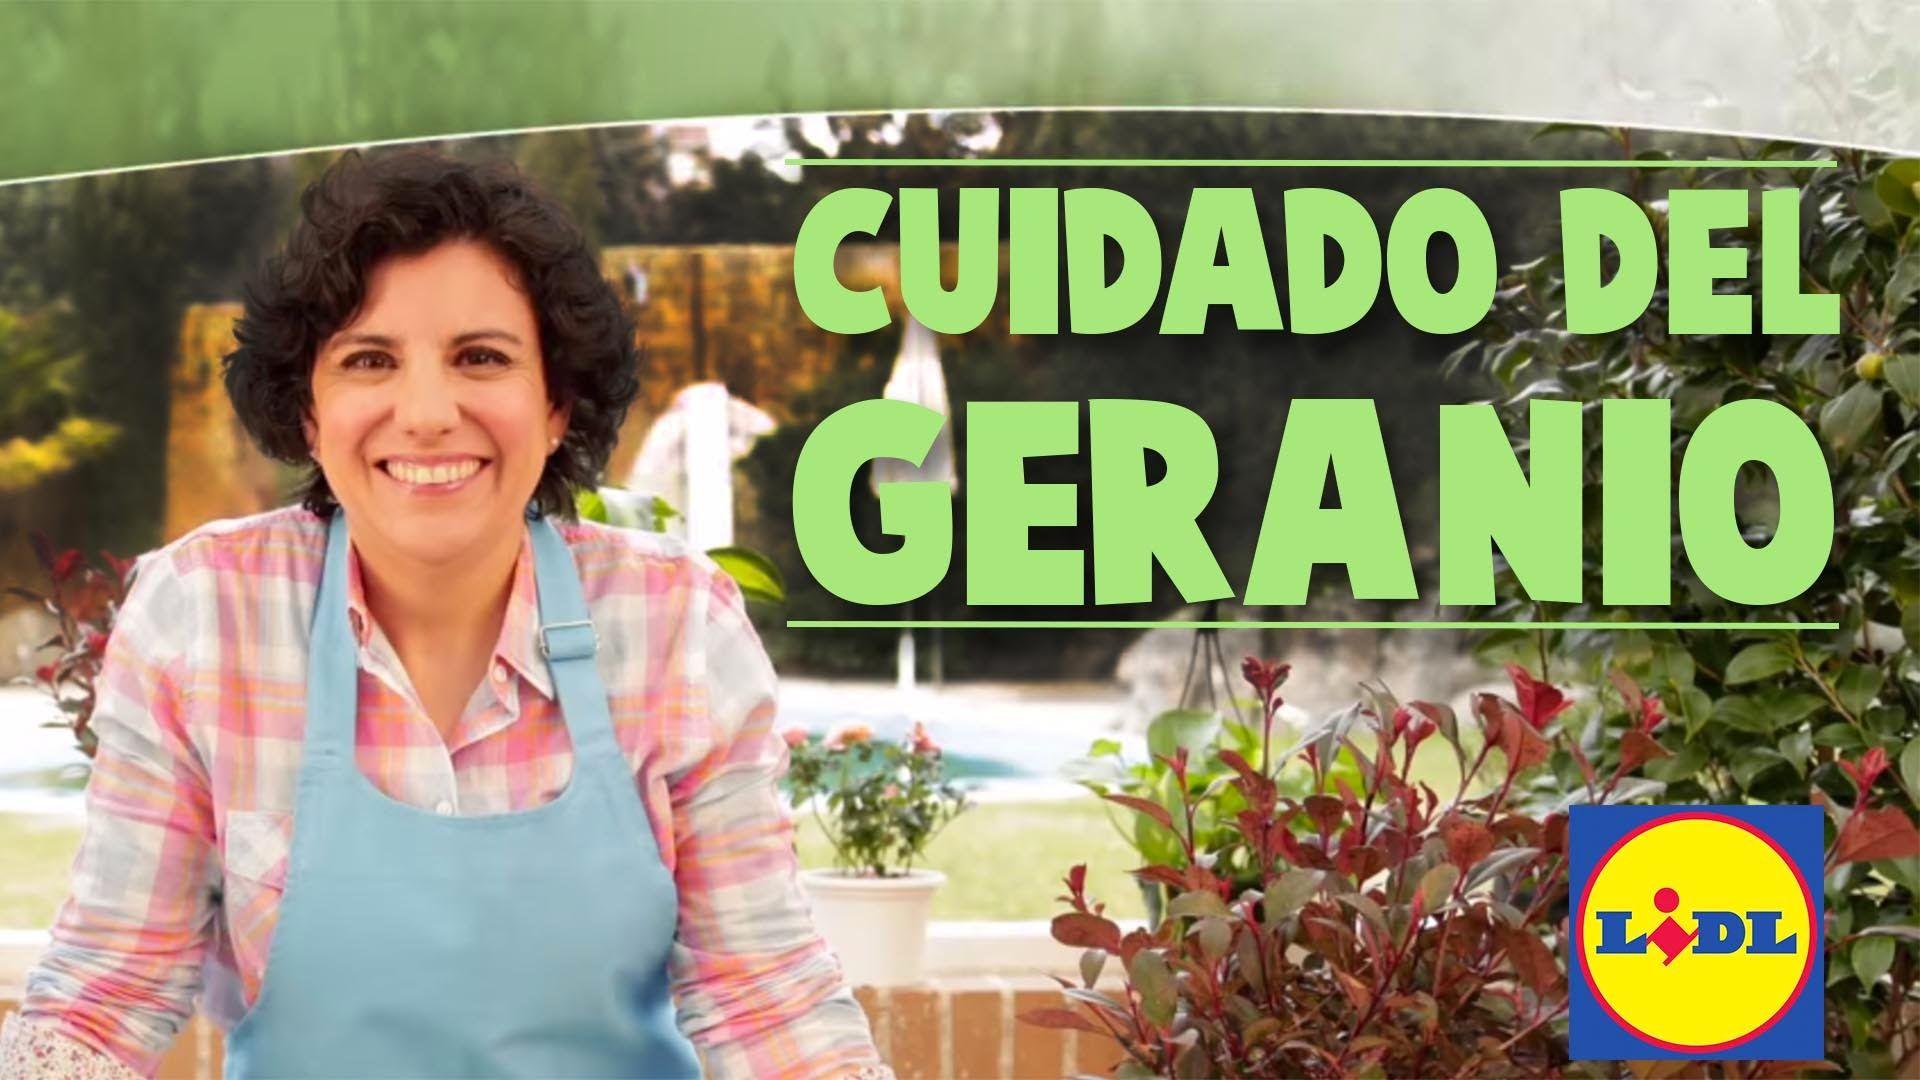 Cuidado Del Geranio - Lidl Jardin